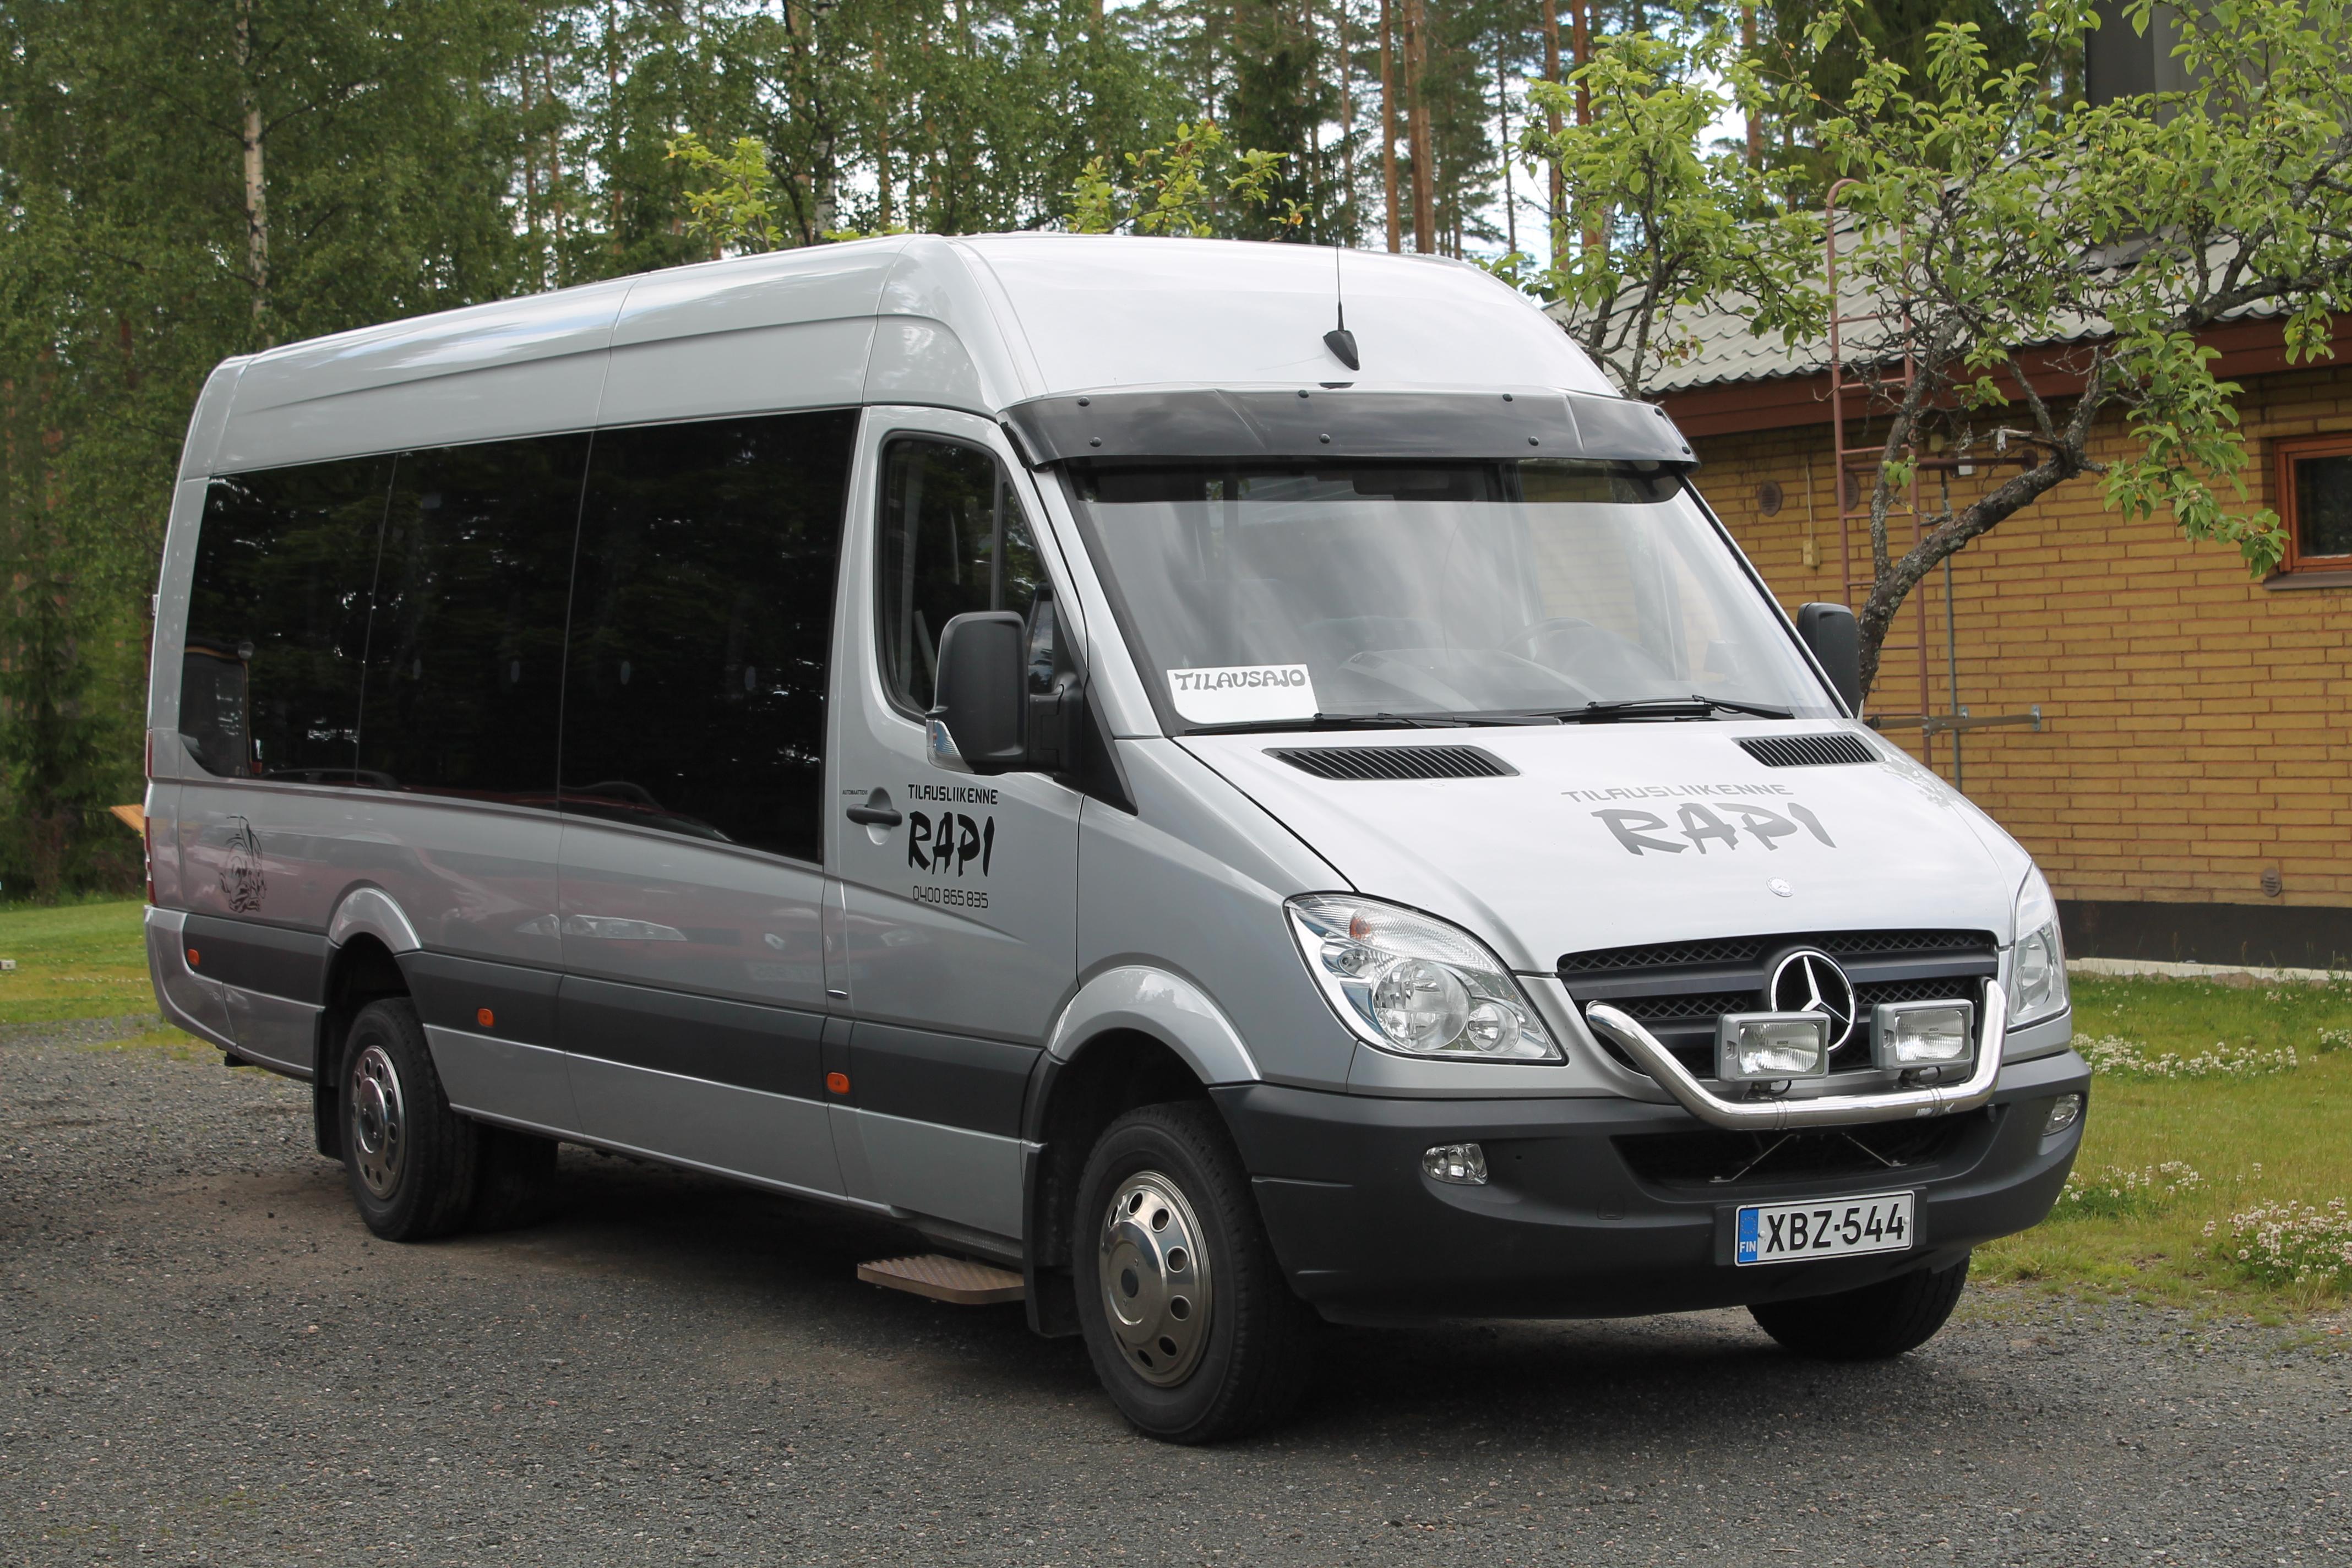 MB Sprinter 519 CDI 2012 Avestark